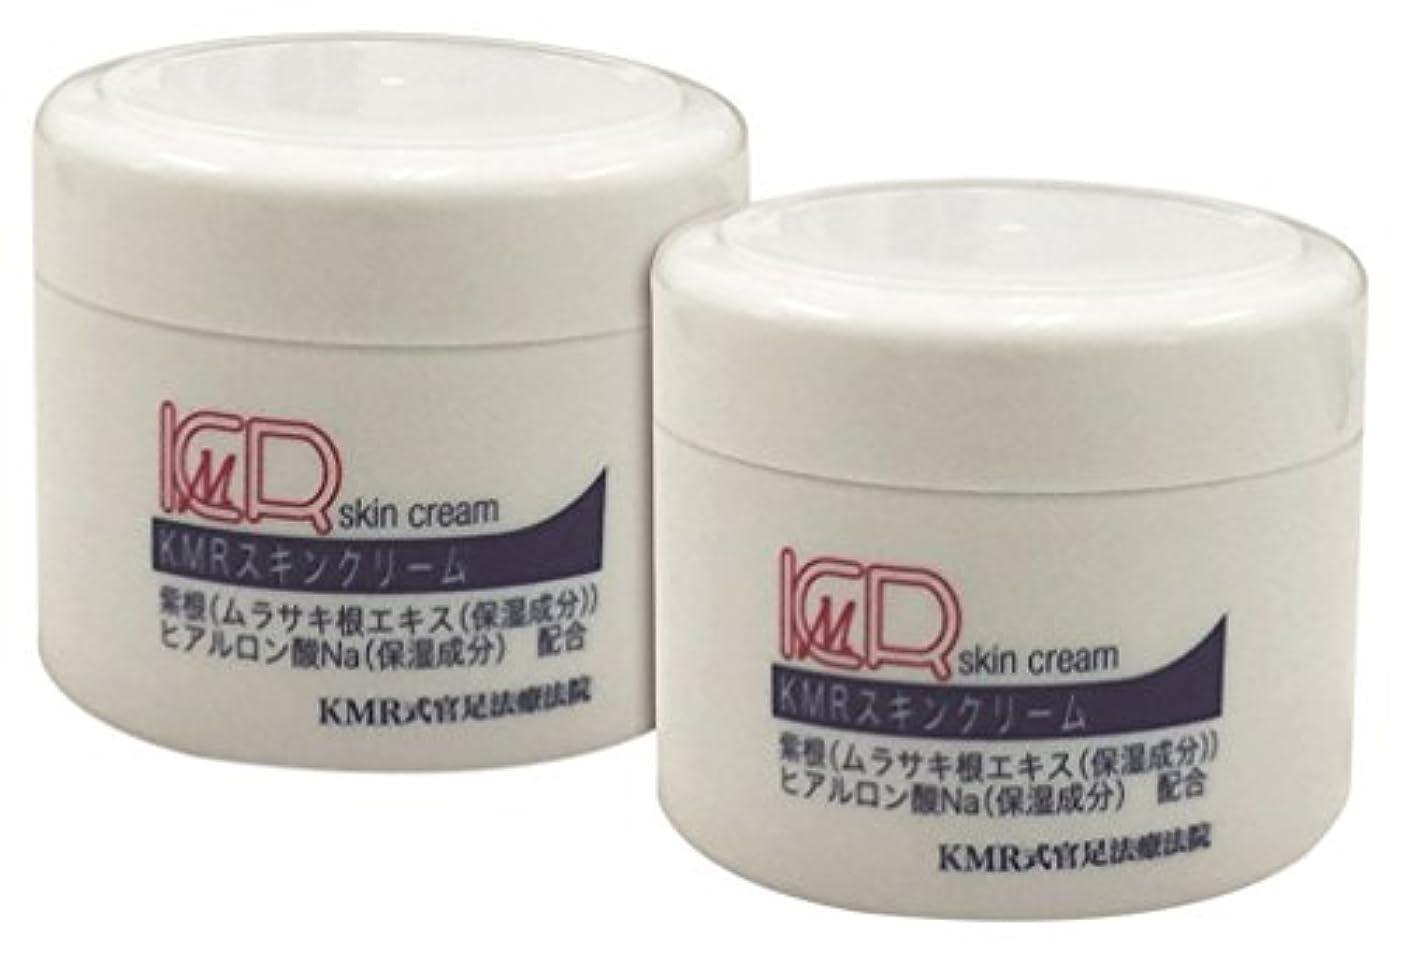 普通のミルクみすぼらしいKMRスキンクリーム 200g 2個セット